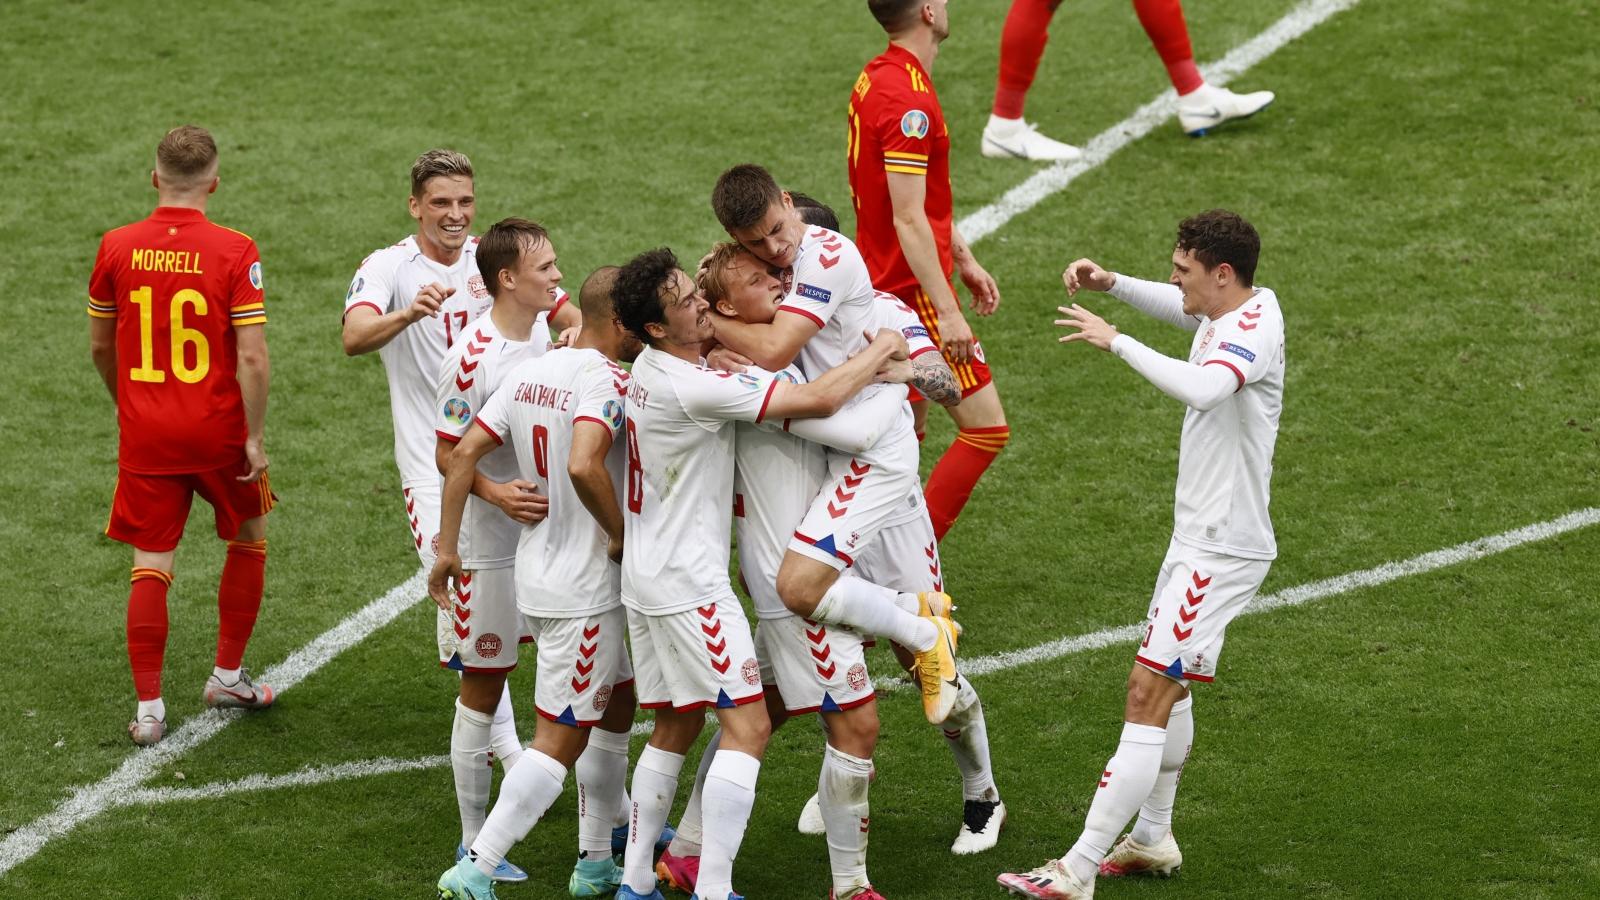 Đại thắng Xứ Wales 4-0, Đan Mạch là đội đầu tiên vào tứ kết EURO 2021